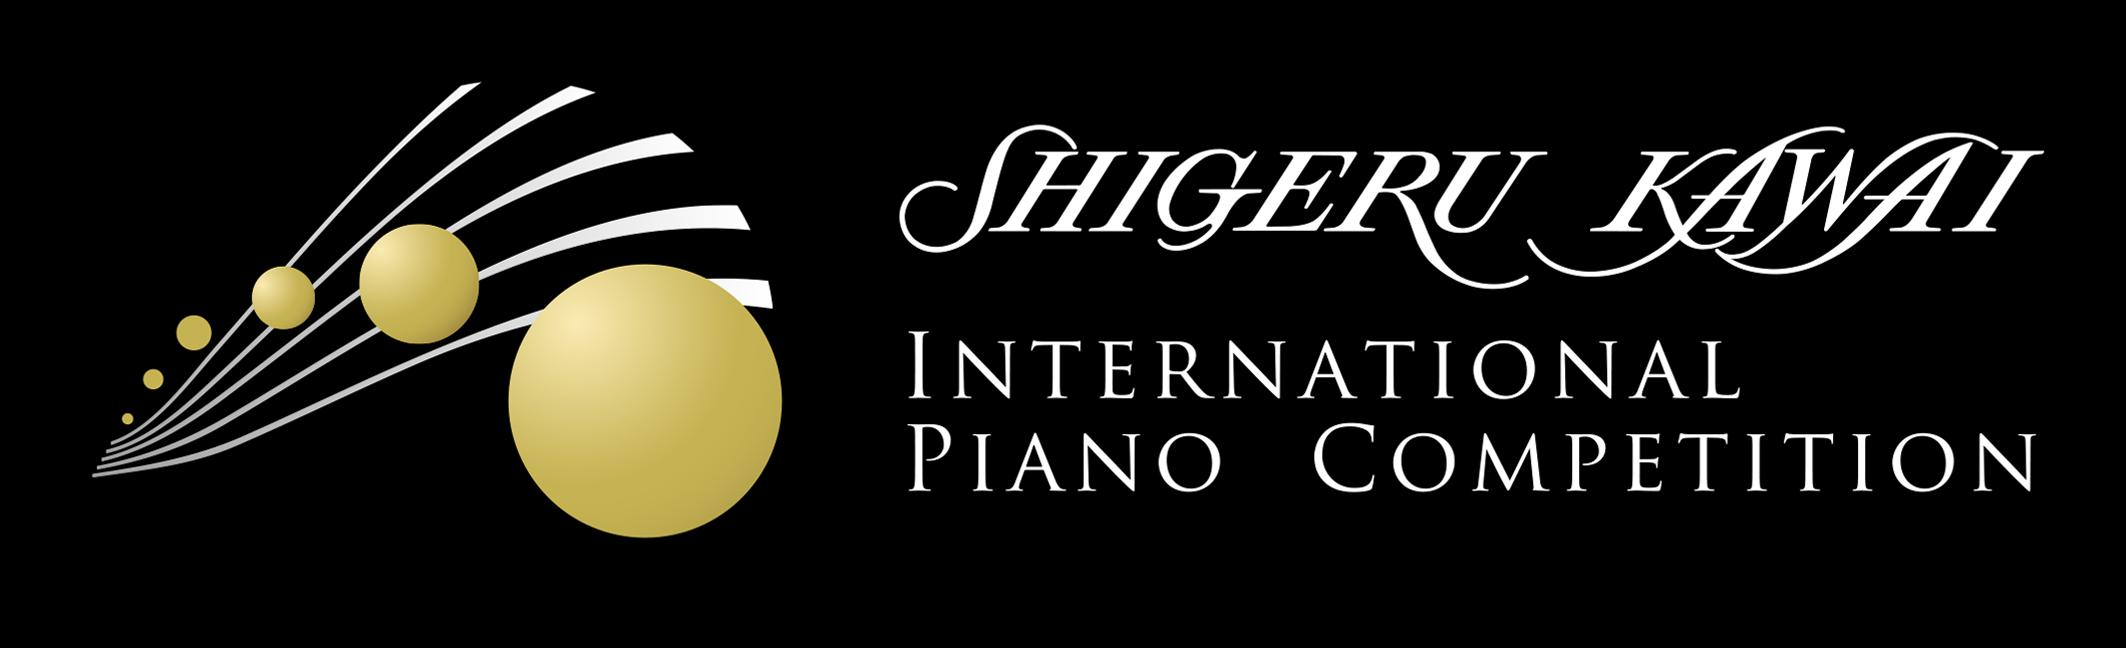 Shigeru Kawai 国際ピアノコンクール ロゴ